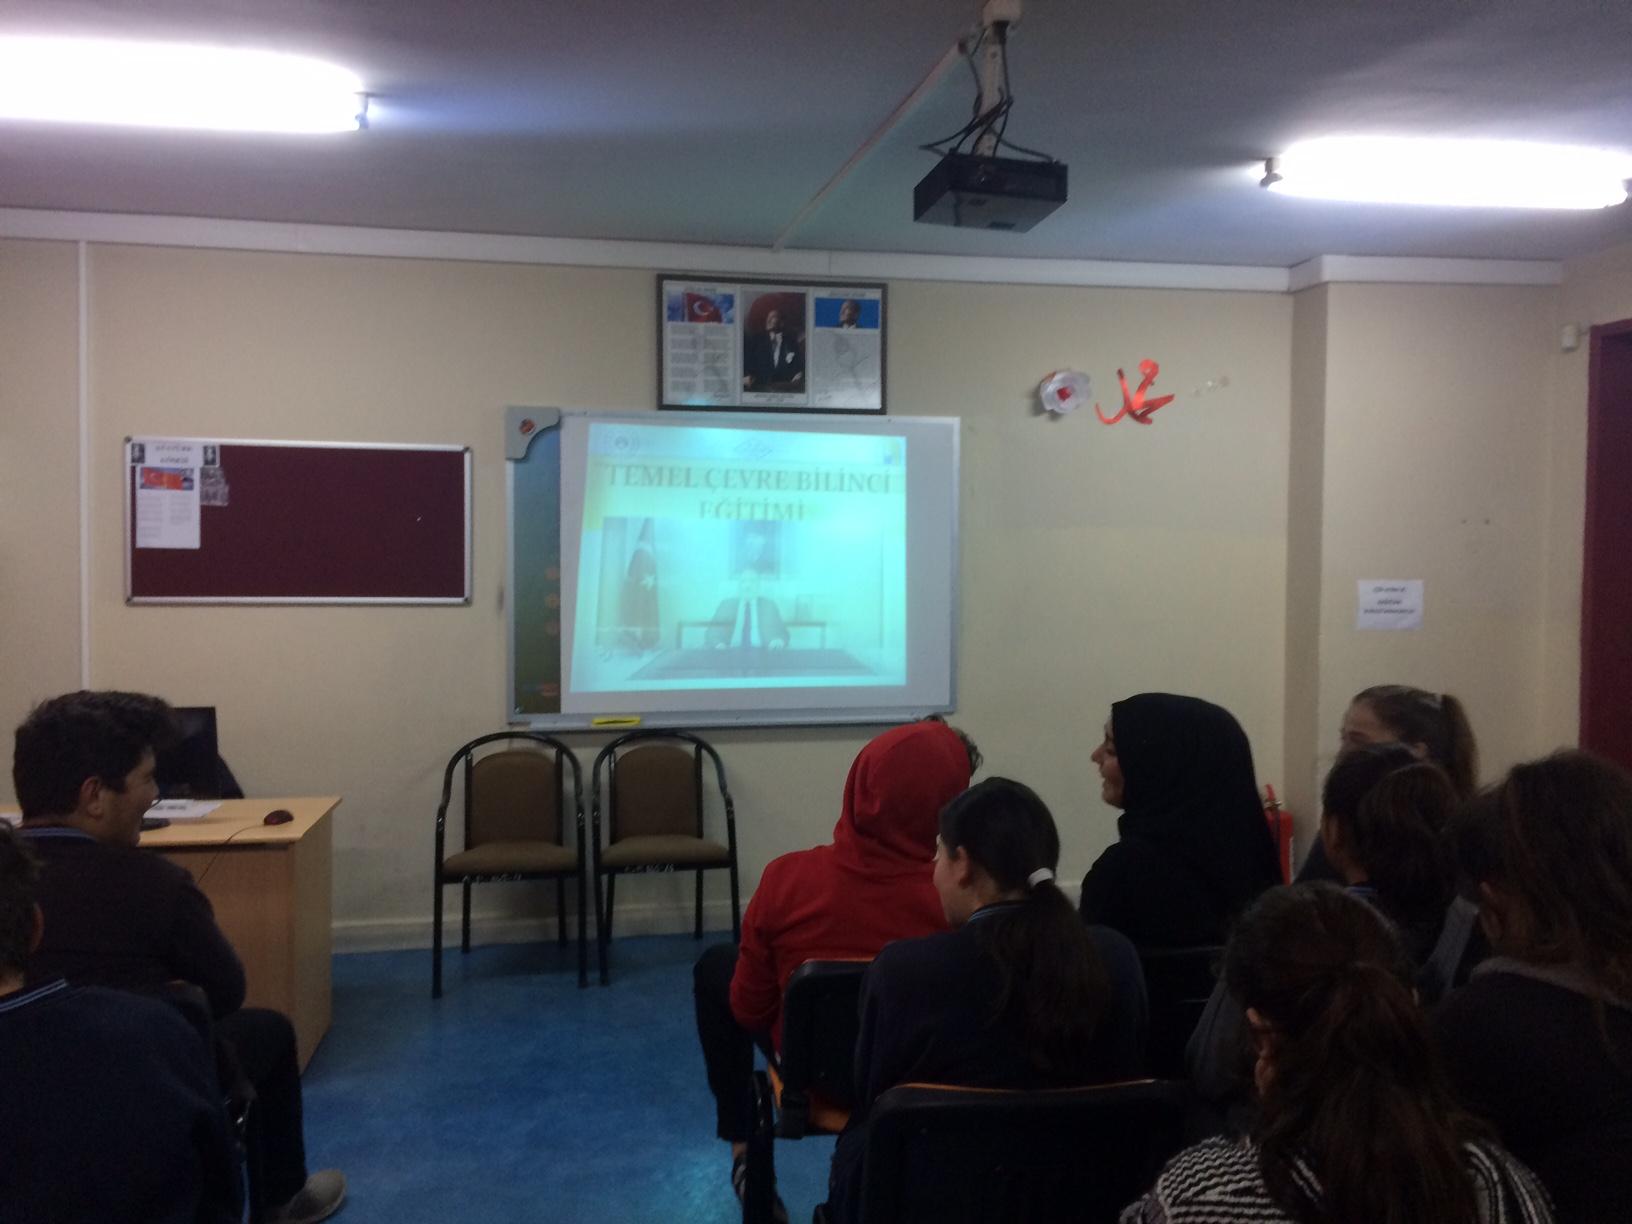 Ulus Şehit Erkan Yalçın Anadolu Lisesi'nde Sıfır Atık Konulu Eğitim Verildi